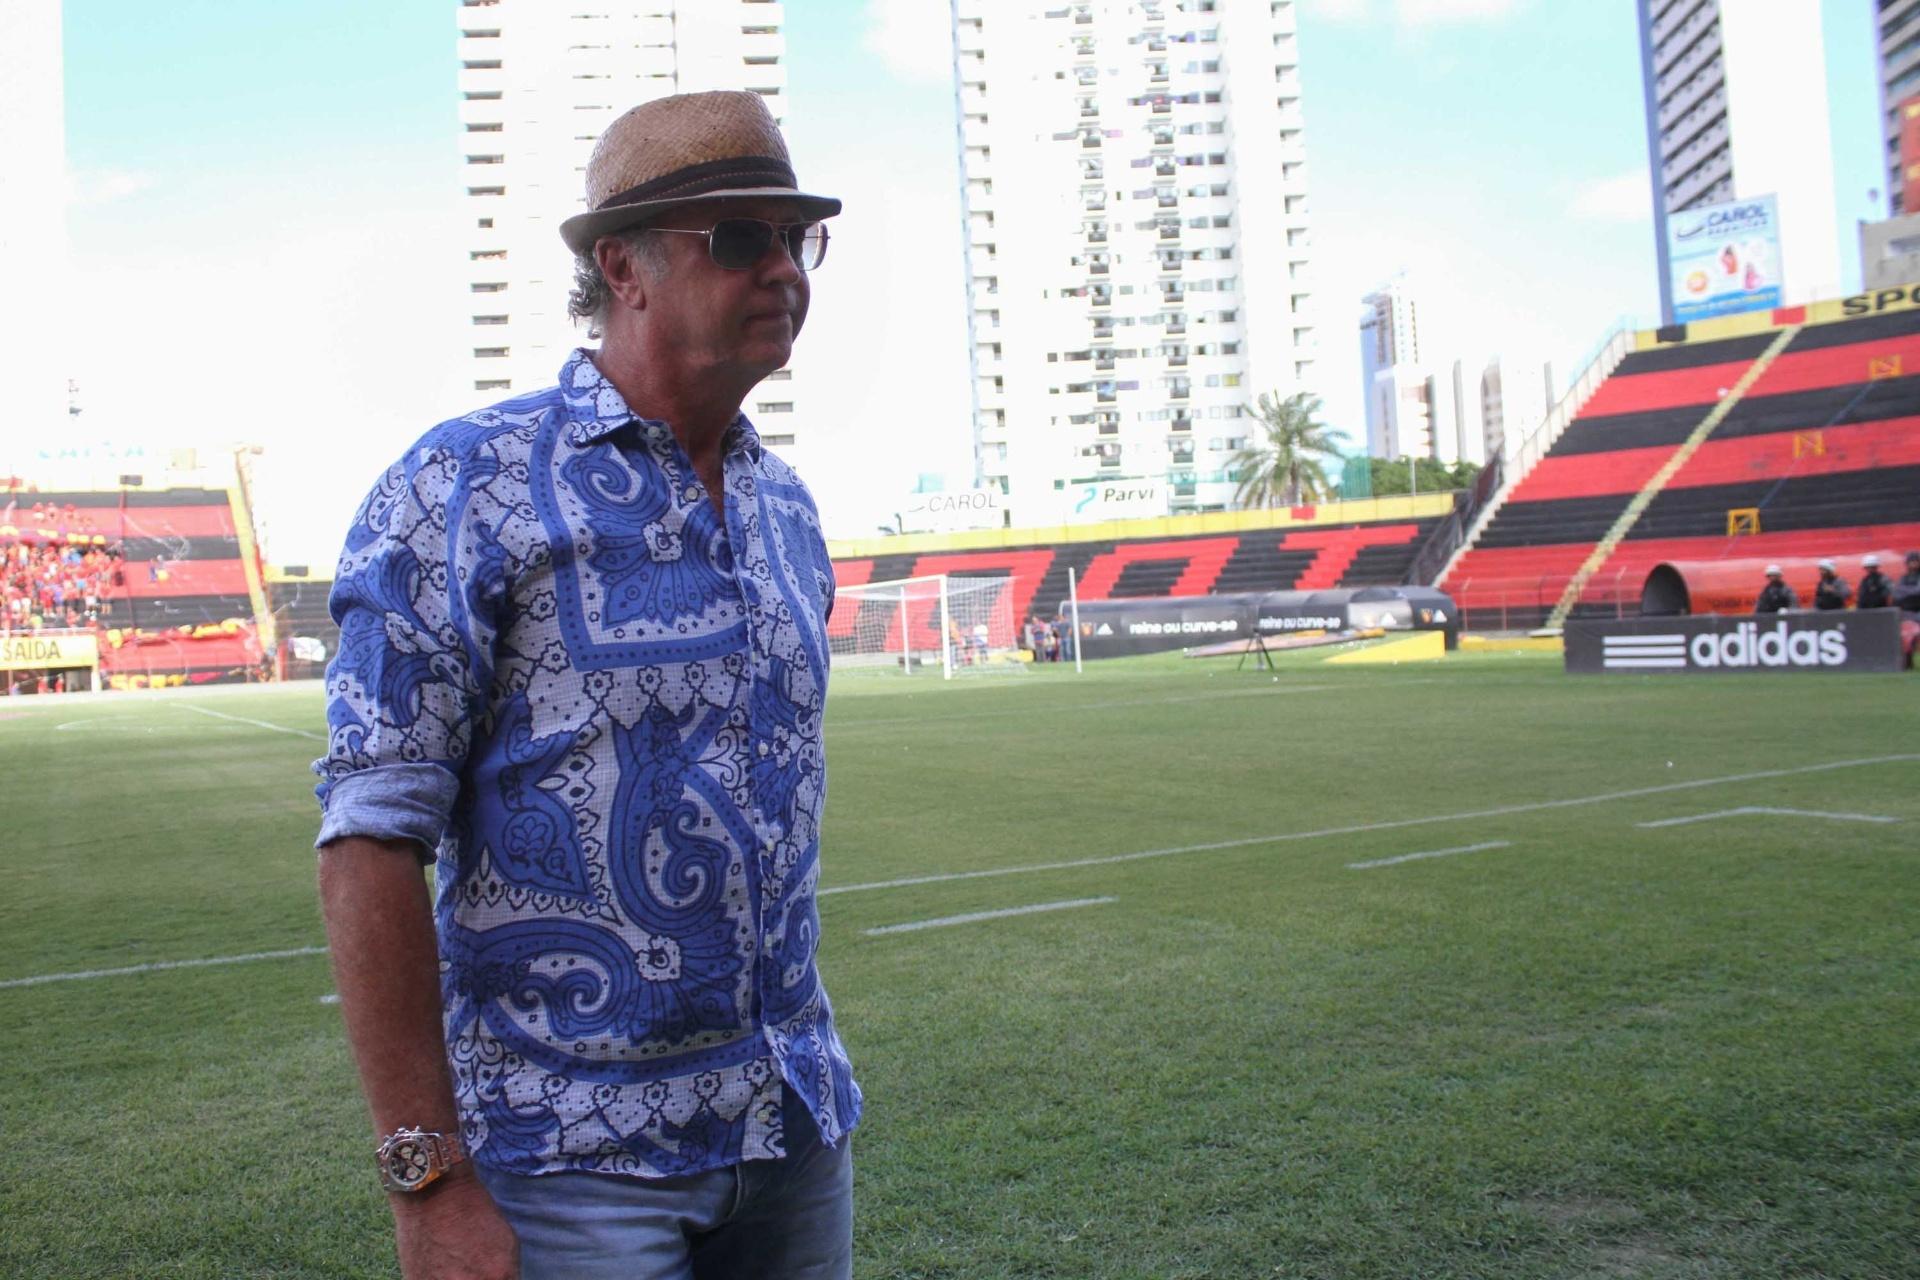 772f67d007 10+  Buzina revolta Falcão e goleiro marca contra em jogo do Palmeiras -  01 02 2016 - UOL Esporte